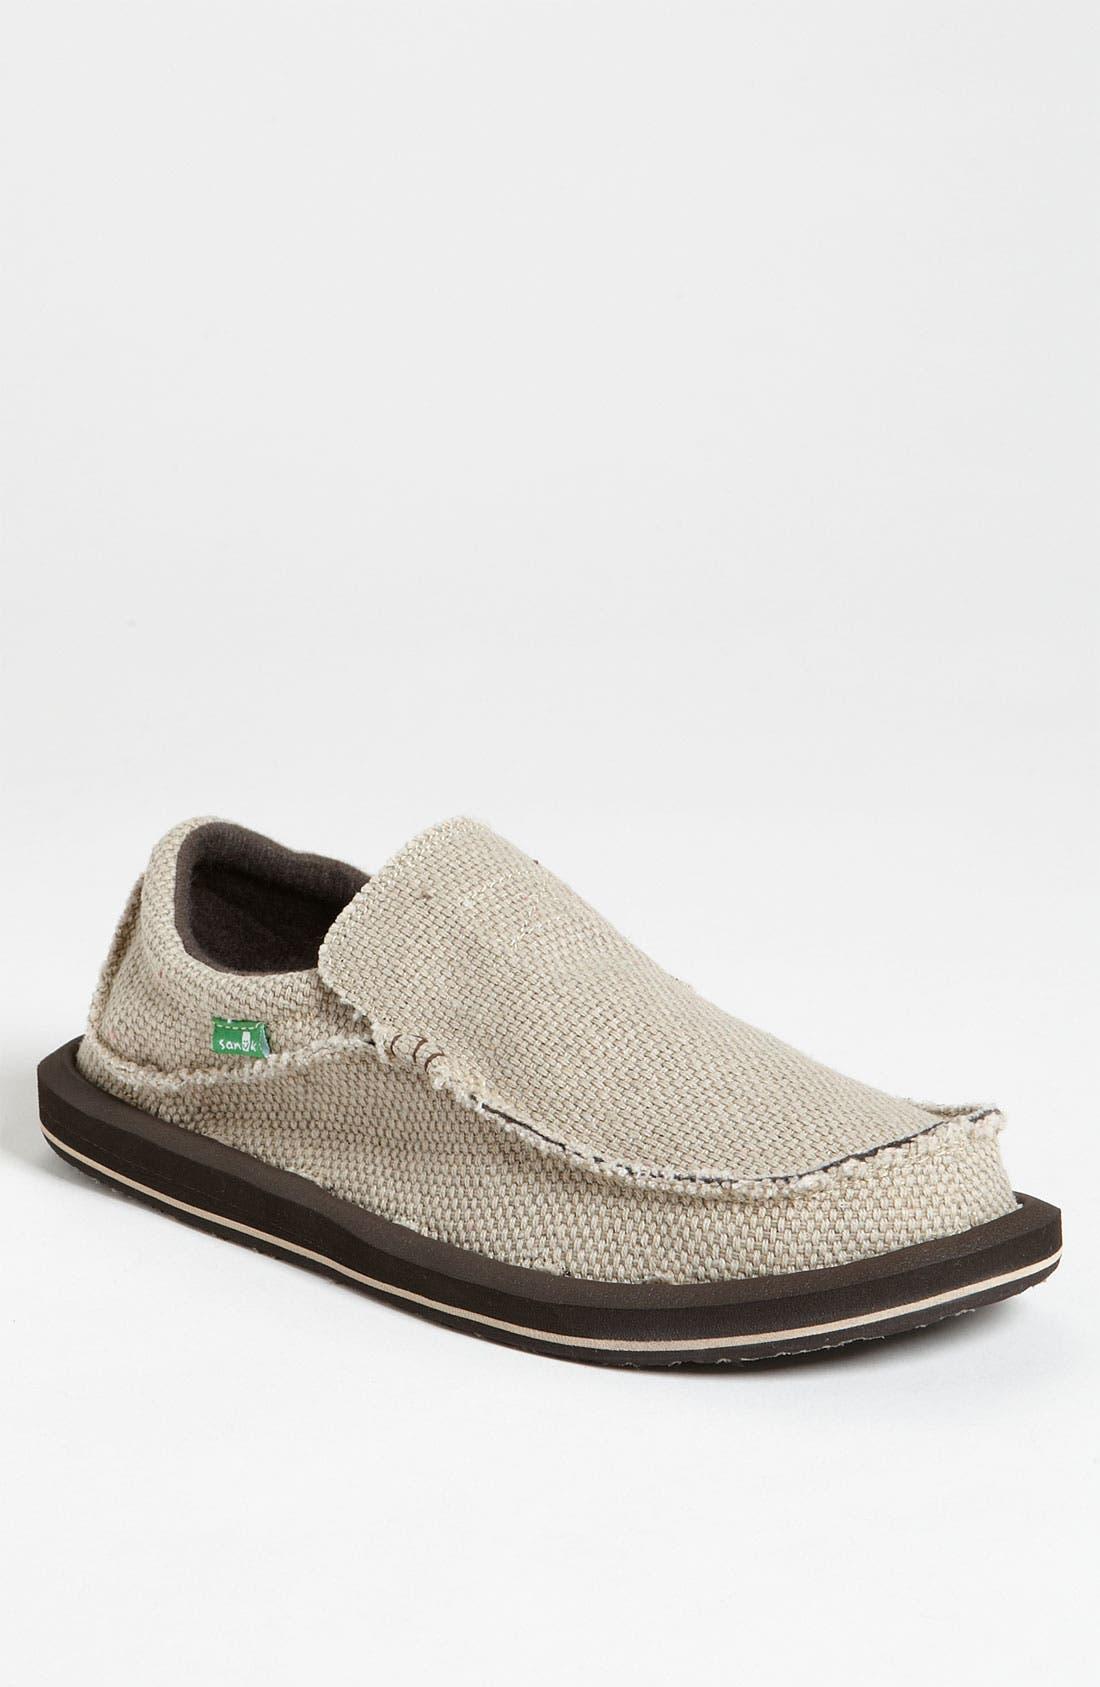 Men's Sanuk Shoes Sale \u0026 Clearance